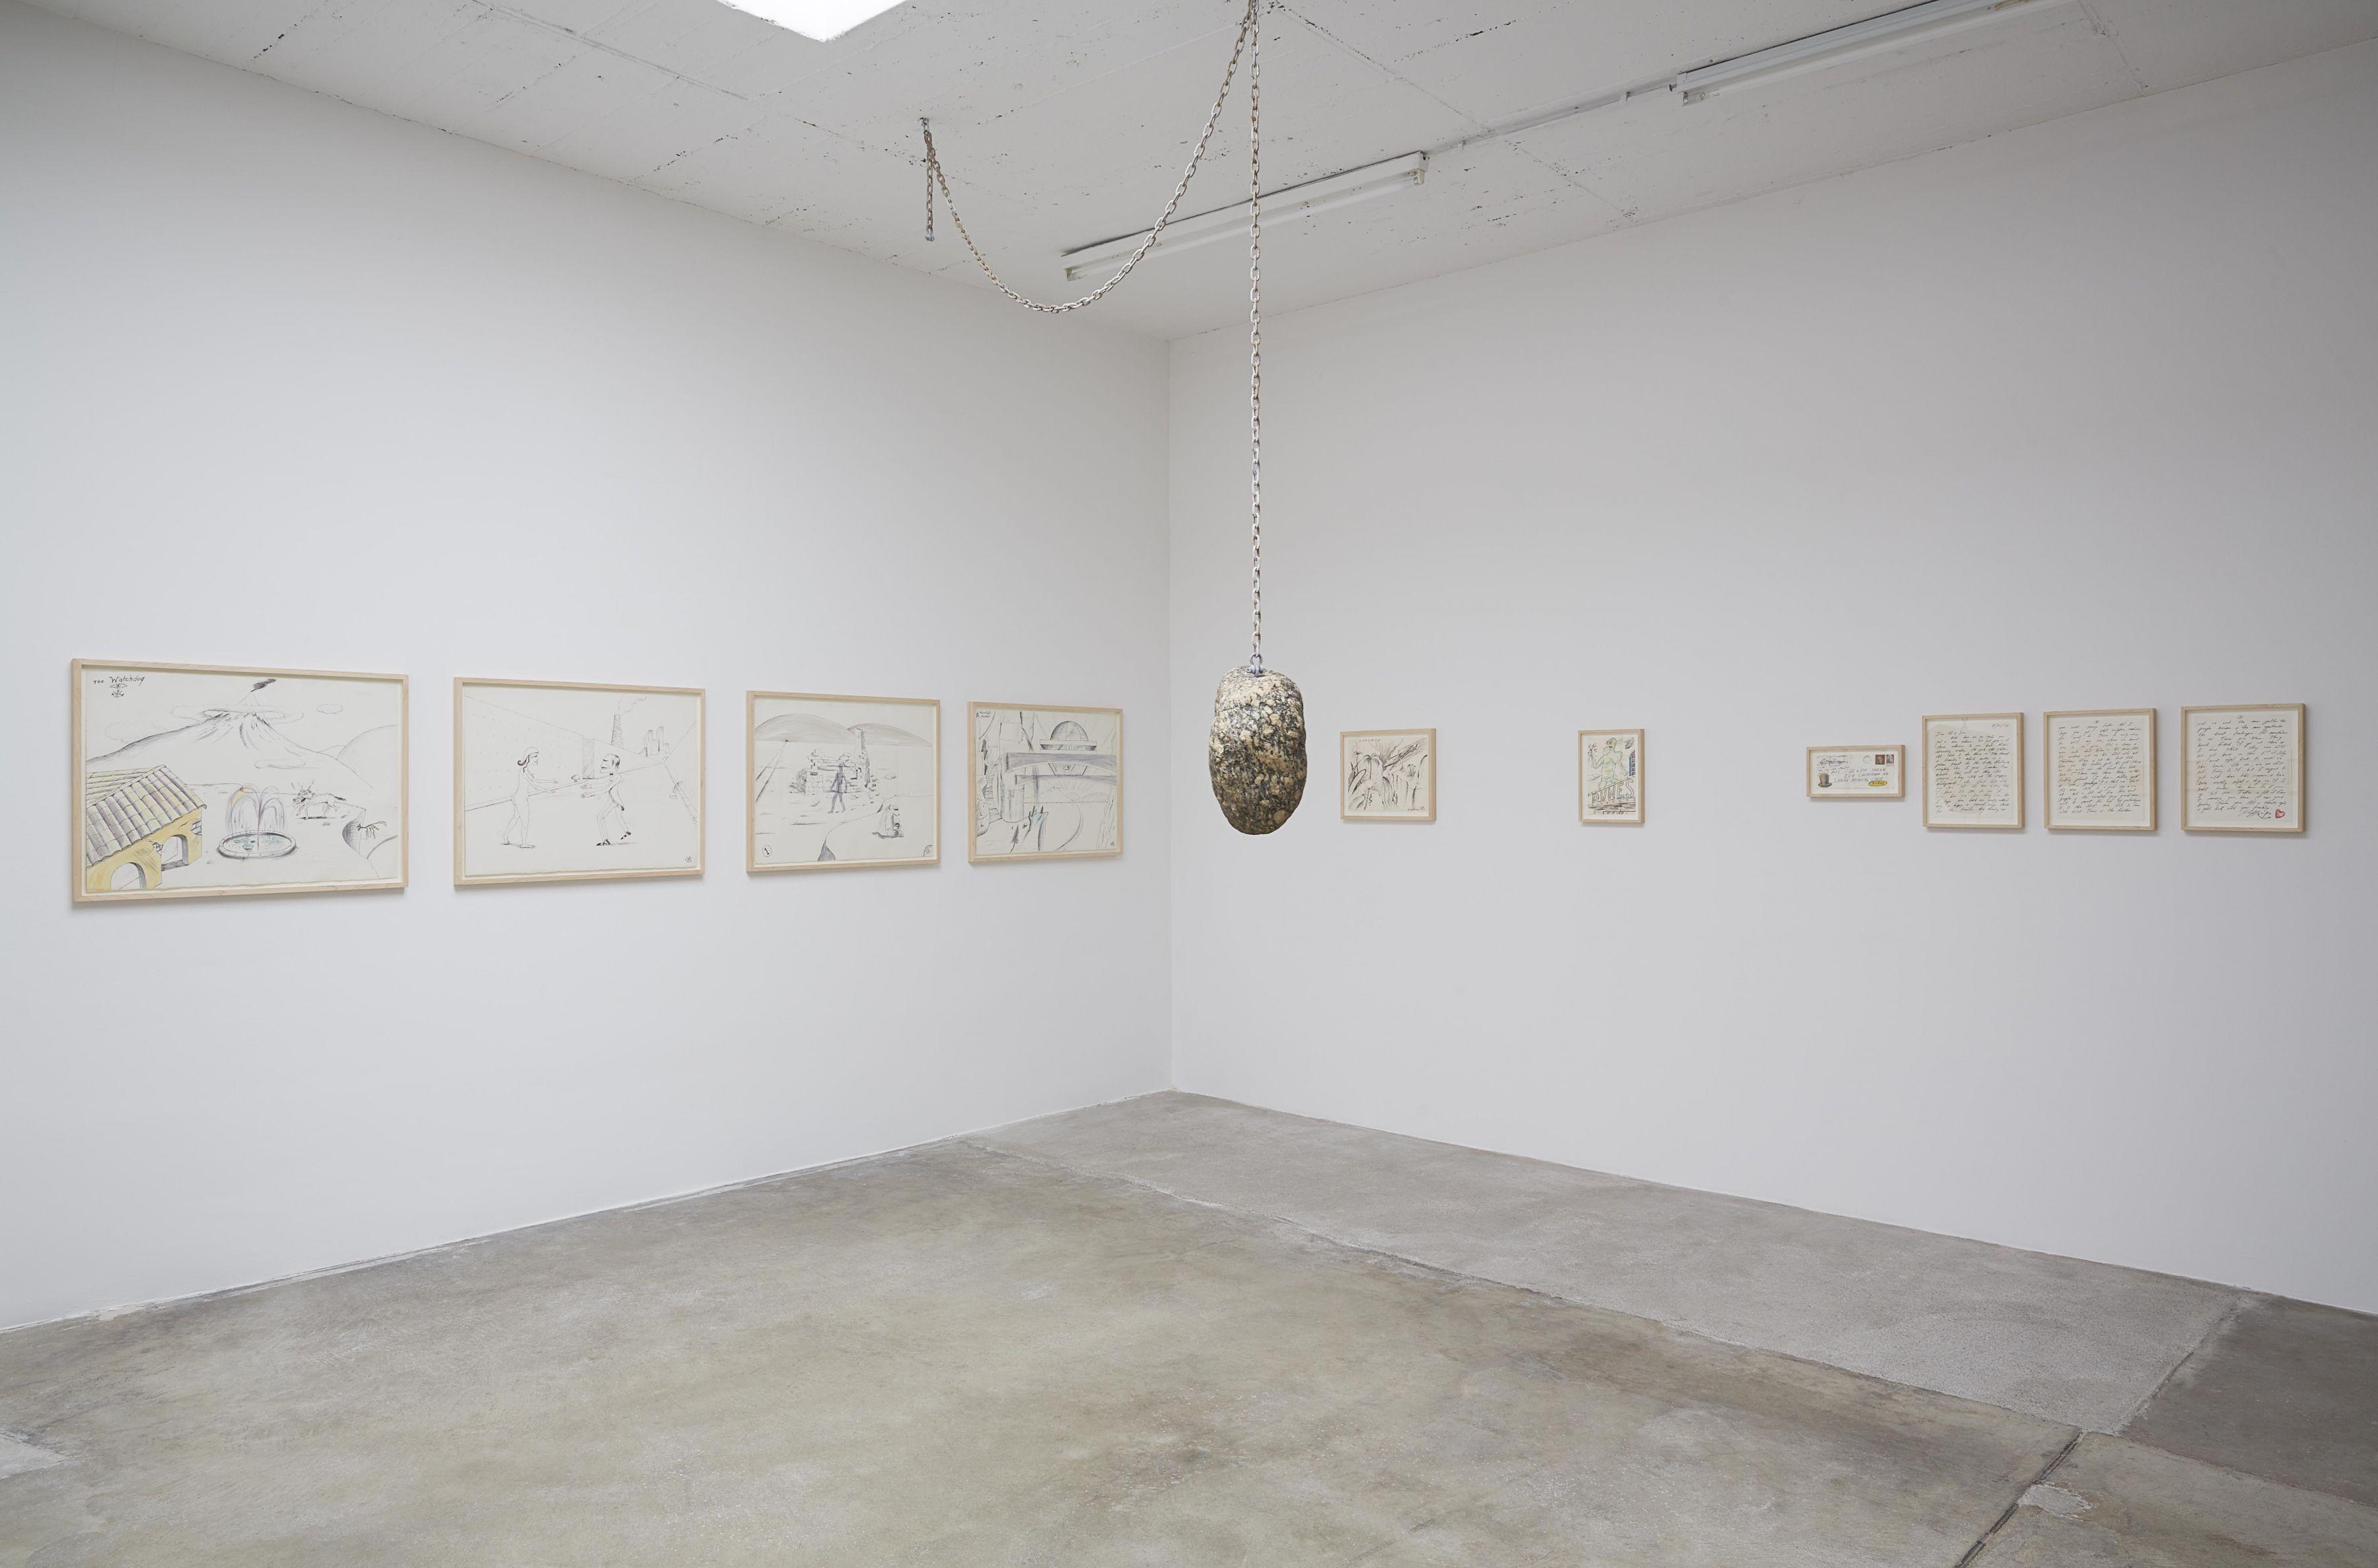 Exhibitionview H.C. Westermann,LinnLühn2016